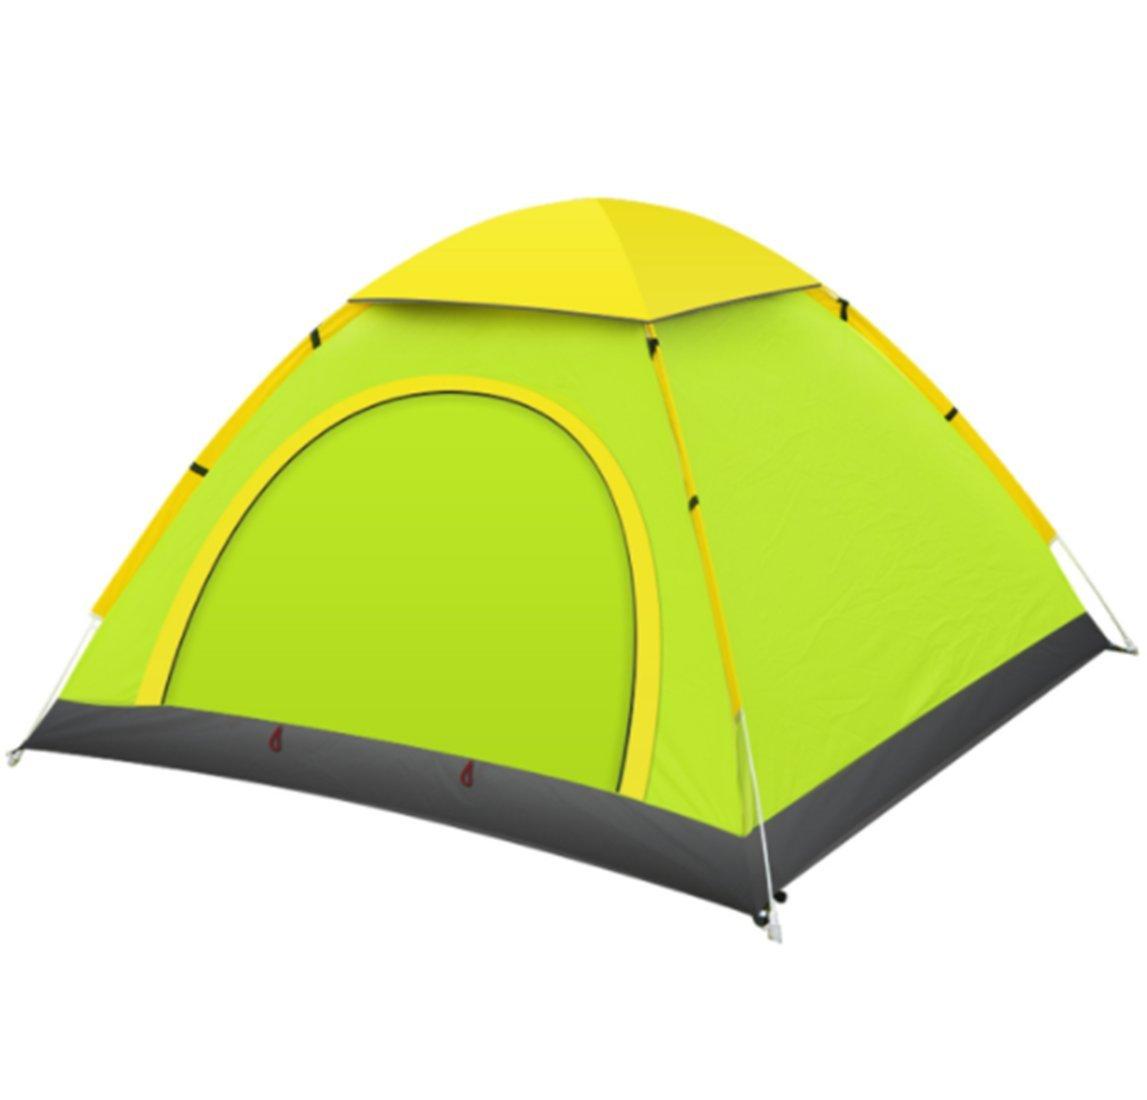 Yeying123 Zelt 2 Sekunden Automatisch Zu Öffnen 2-3 Personen Im Freien Camping Tourismus Doppeltür Zelt,Grün,2People